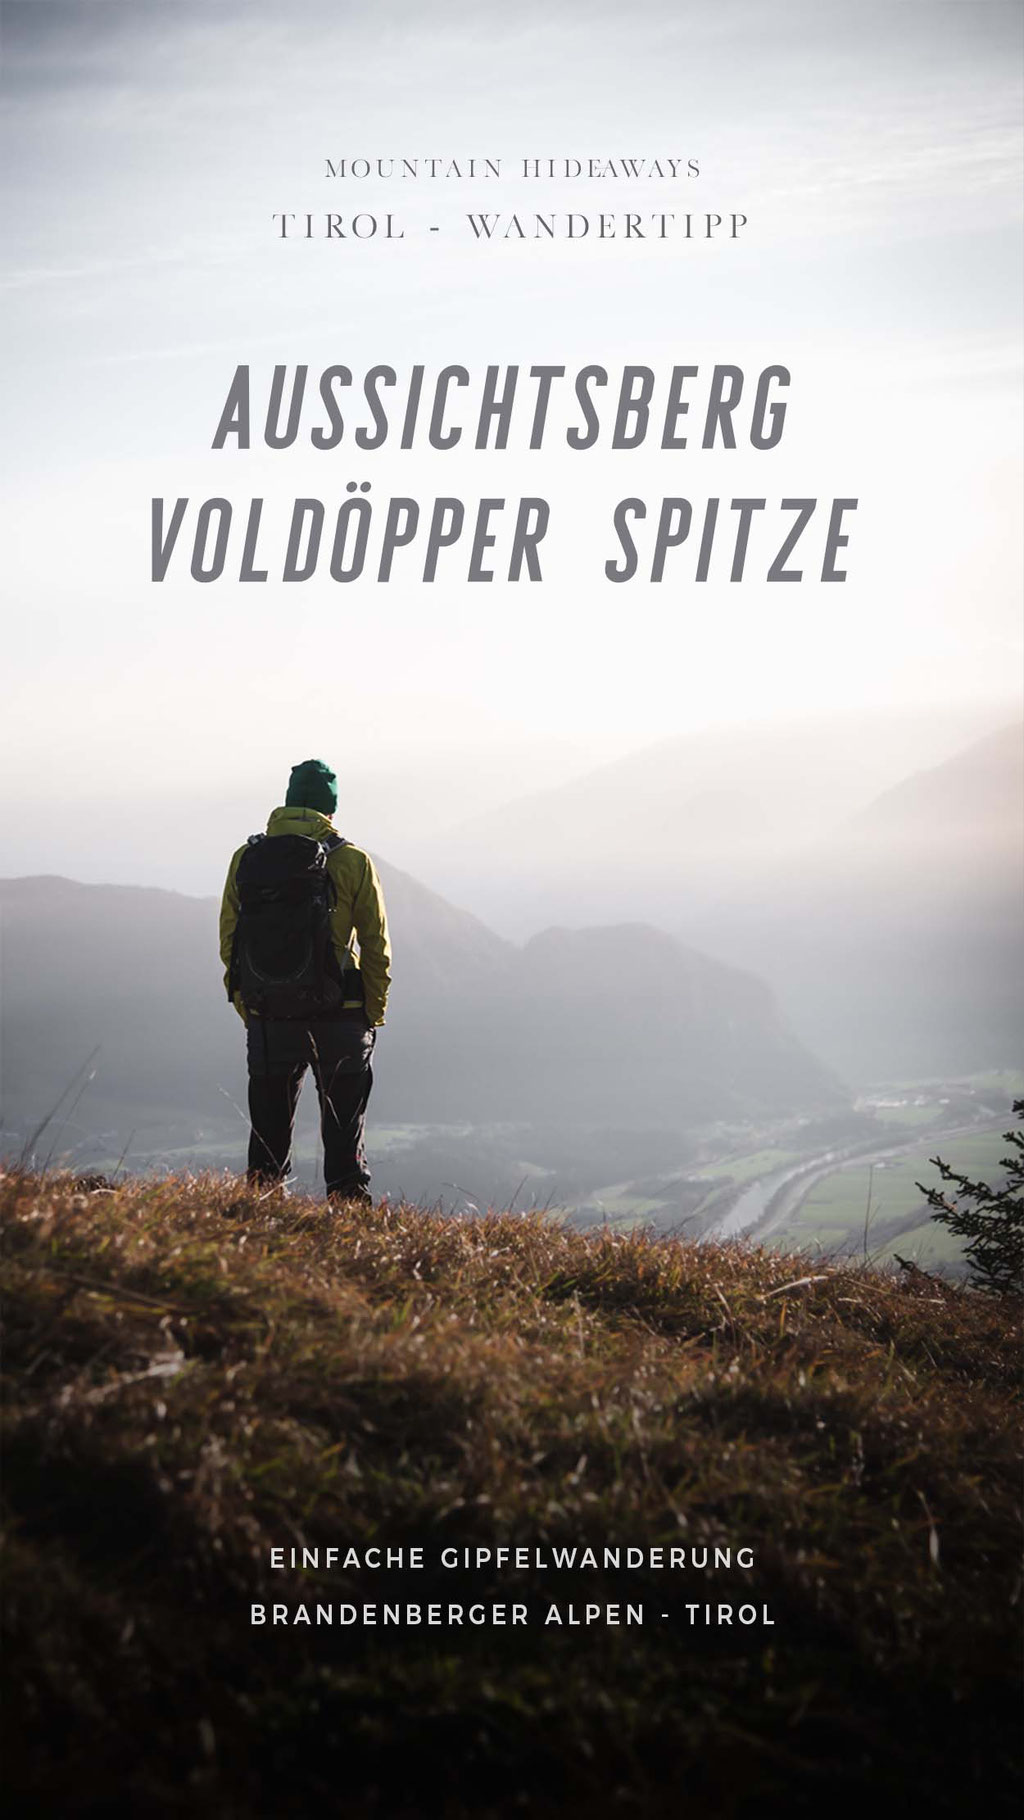 Wandertipp Tirol: Aussichtsberg Voldöppberg (Voldöpper Spitze), Alpbach - Brandenberger Alpen,  einfache Gipfelwanderung mit großartiger Aussicht über das Inntal